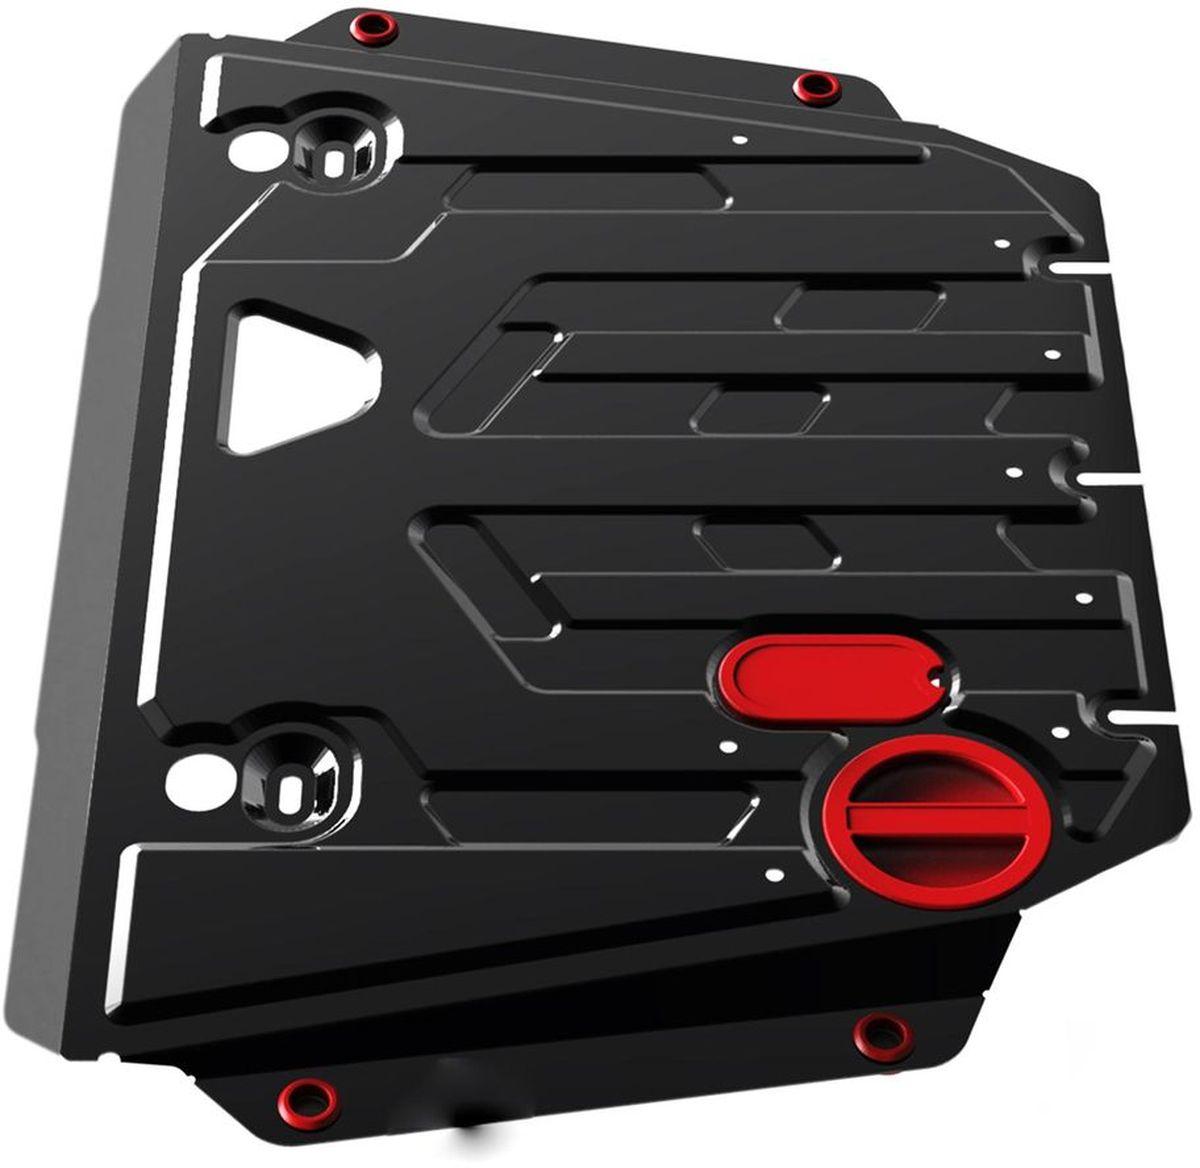 Защита картера и КПП Автоброня, для Lifan Smily V - 1,3 (2011-2013)111.03303.1Технологически совершенный продукт за невысокую стоимость. Защита разработана с учетом особенностей днища автомобиля, что позволяет сохранить дорожный просвет с минимальным изменением. Защита устанавливается в штатные места кузова автомобиля. Глубокий штамп обеспечивает до двух раз больше жесткости в сравнении с обычной защитой той же толщины. Проштампованные ребра жесткости препятствуют деформации защиты при ударах. Тепловой зазор и вентиляционные отверстия обеспечивают сохранение температурного режима двигателя в норме. Скрытый крепеж предотвращает срыв крепежных элементов при наезде на препятствие. Шумопоглощающие резиновые элементы обеспечивают комфортную езду без вибраций и скрежета металла, а съемные лючки для слива масла и замены фильтра - экономию средств и время. Конструкция изделия не влияет на пассивную безопасность автомобиля (при ударе защита не воздействует на деформационные зоны кузова). Со штатным крепежом. В комплекте инструкция по установке....